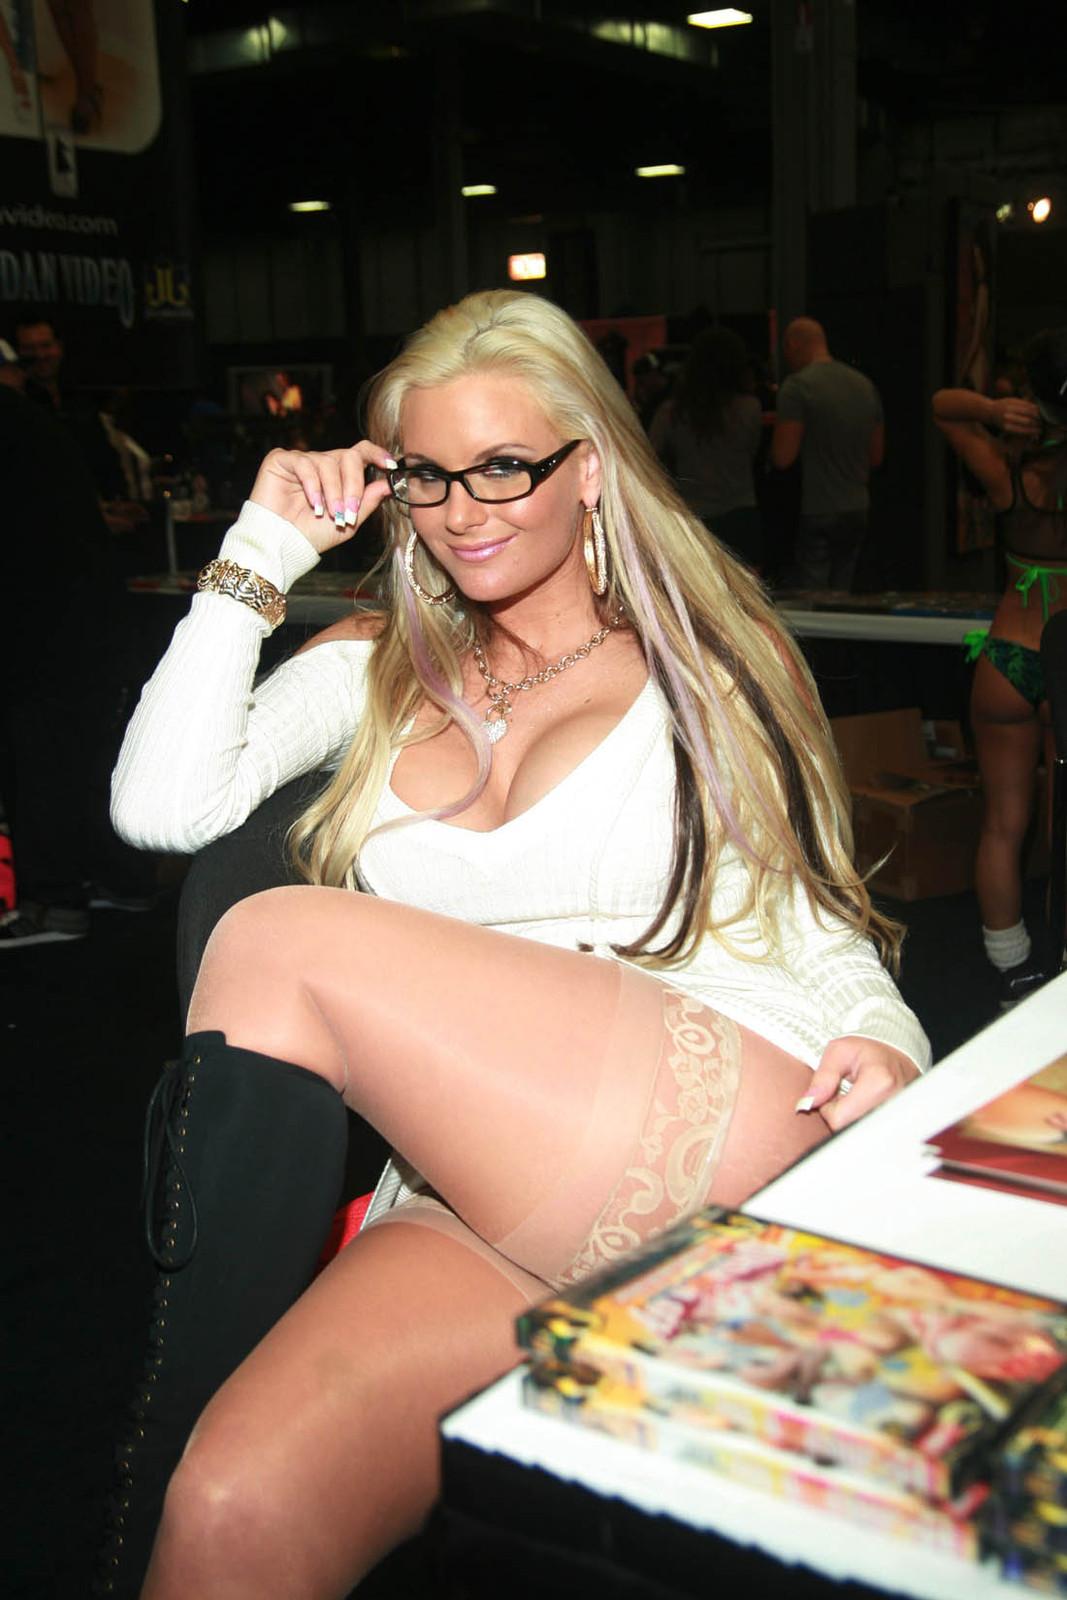 Erotica show 2010 chicago